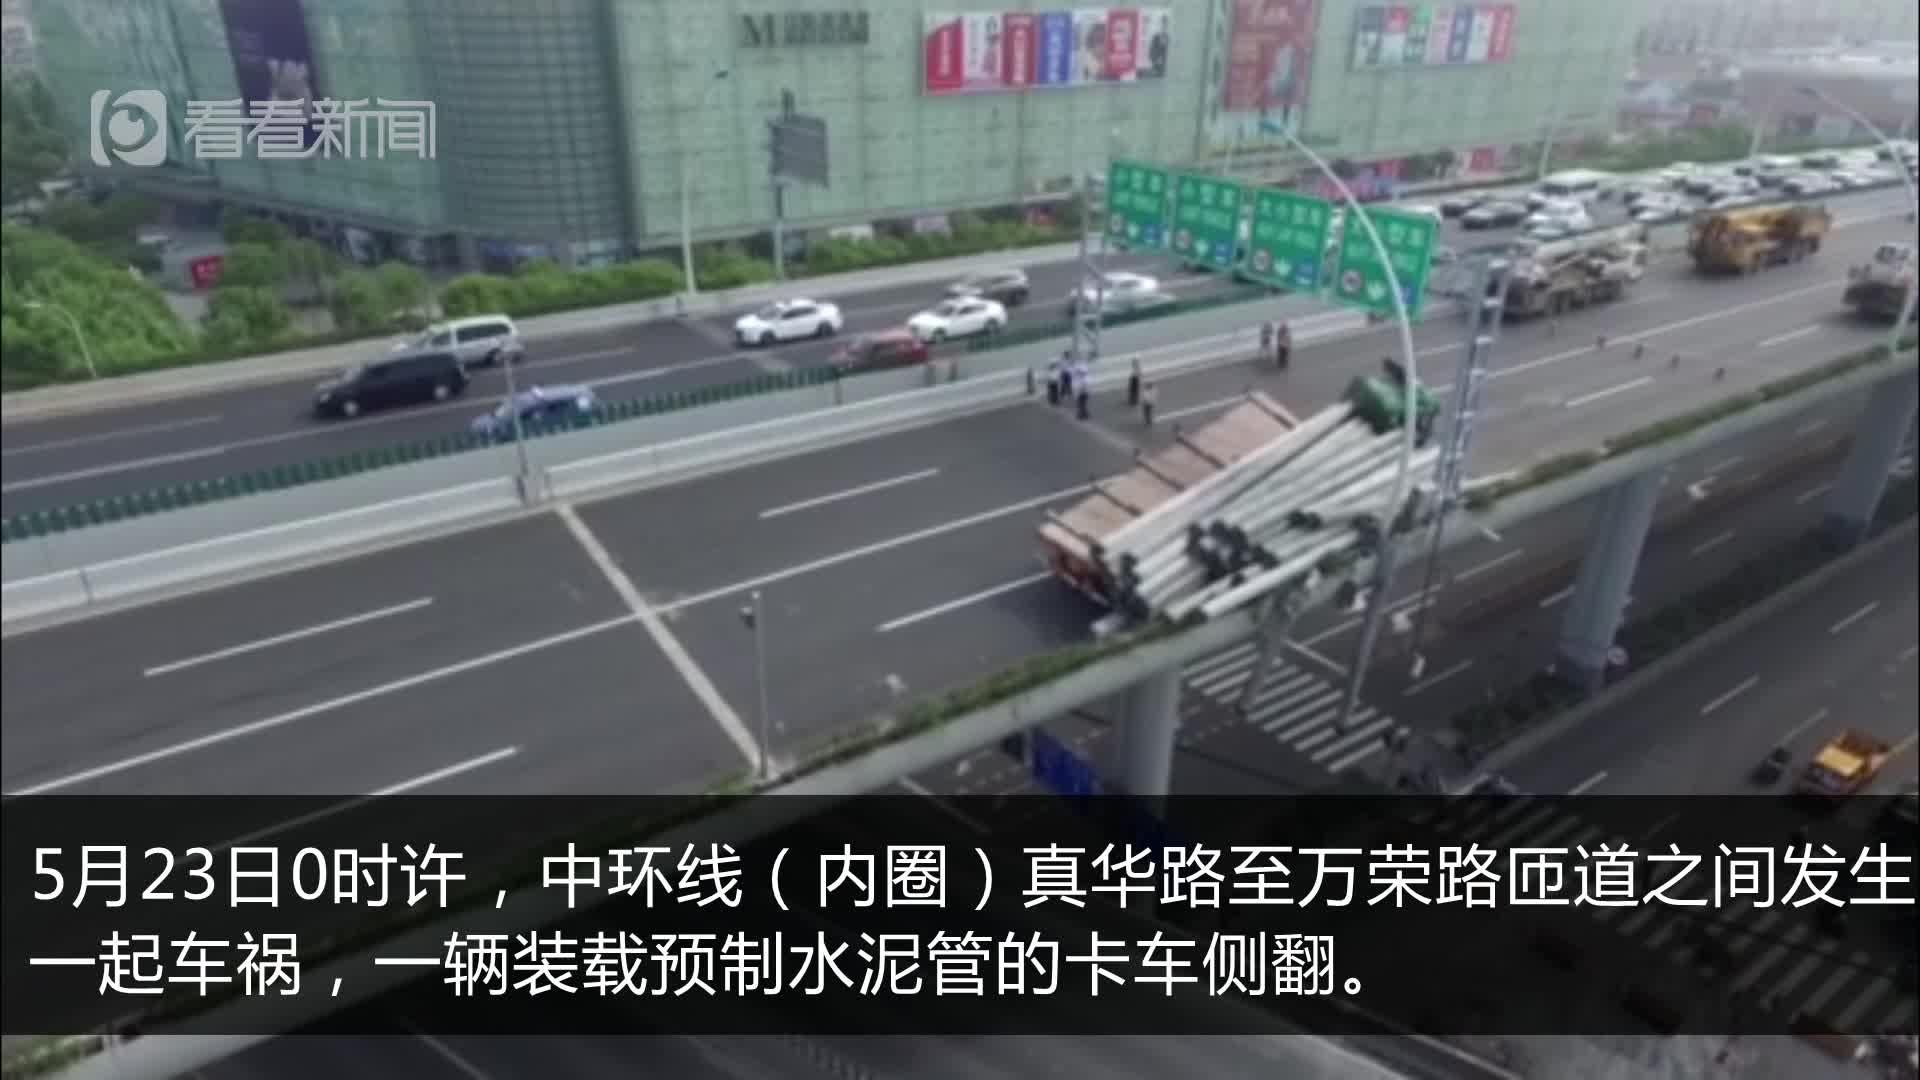 航拍中环高架卡车侧翻事故现场 周边部分道路封闭